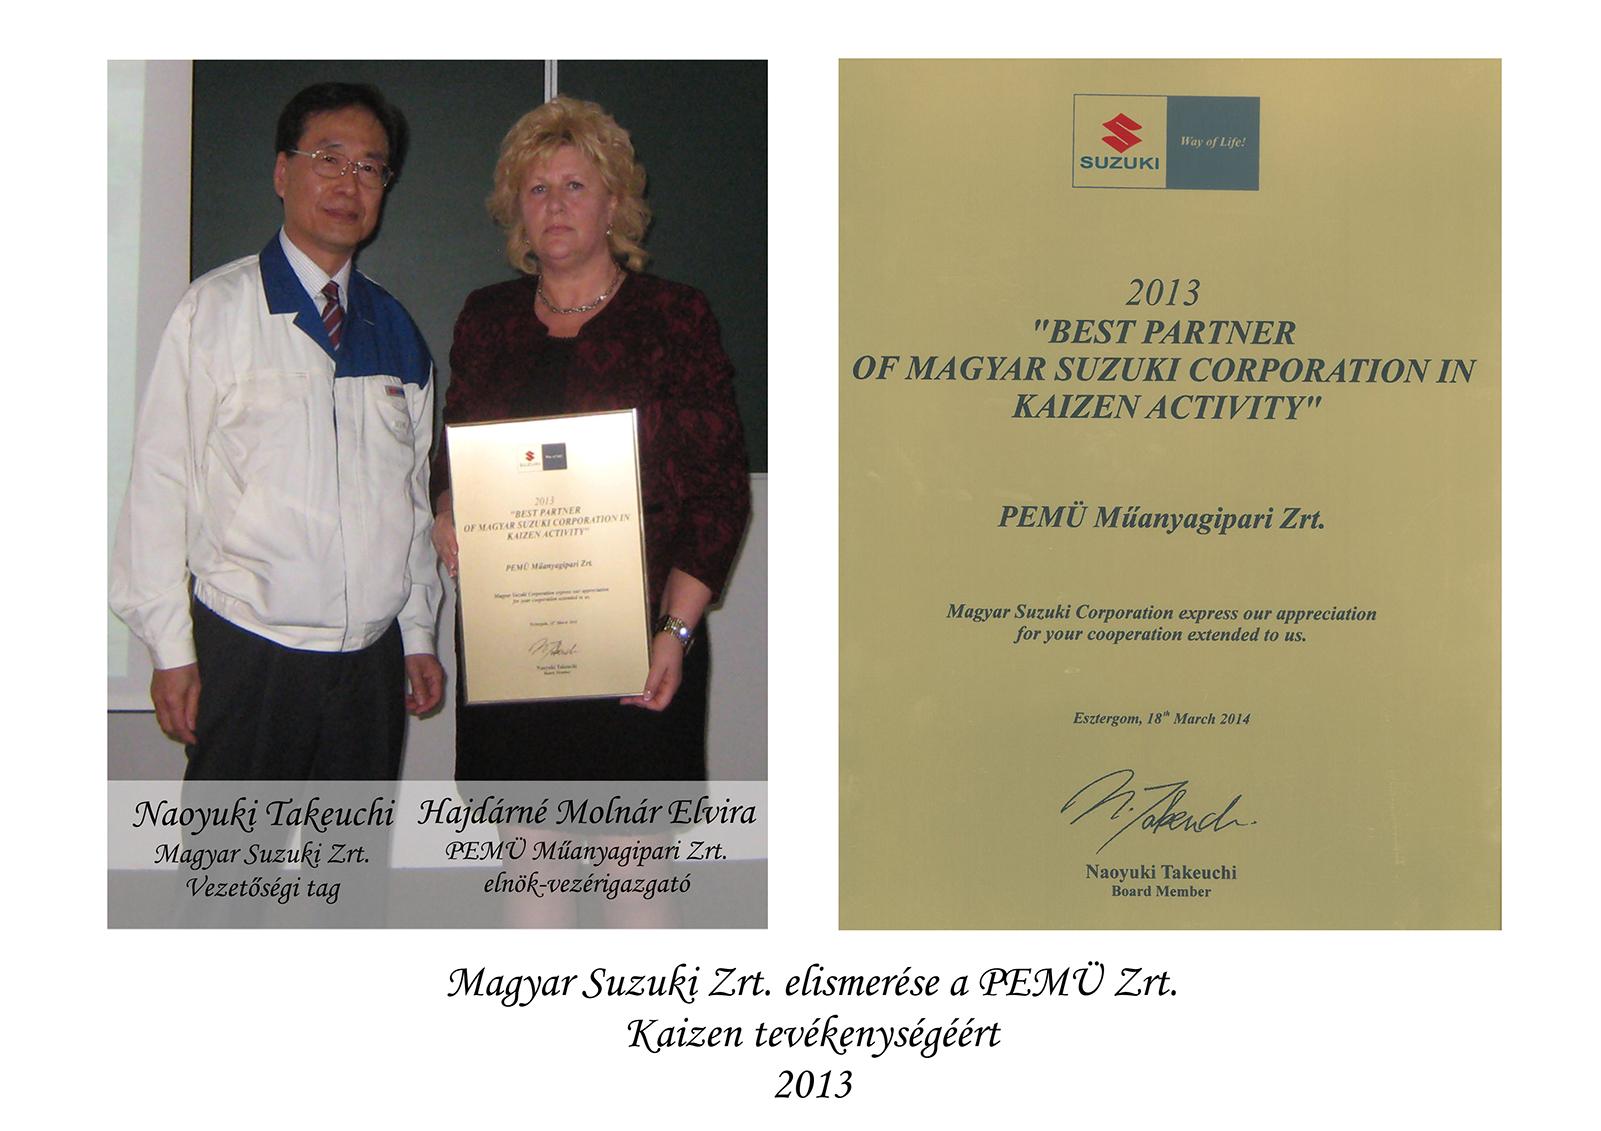 Magyar Suzuki Zrt. elismerése a PEMÜ Zrt. Kaizen tevékenységéért. 2013